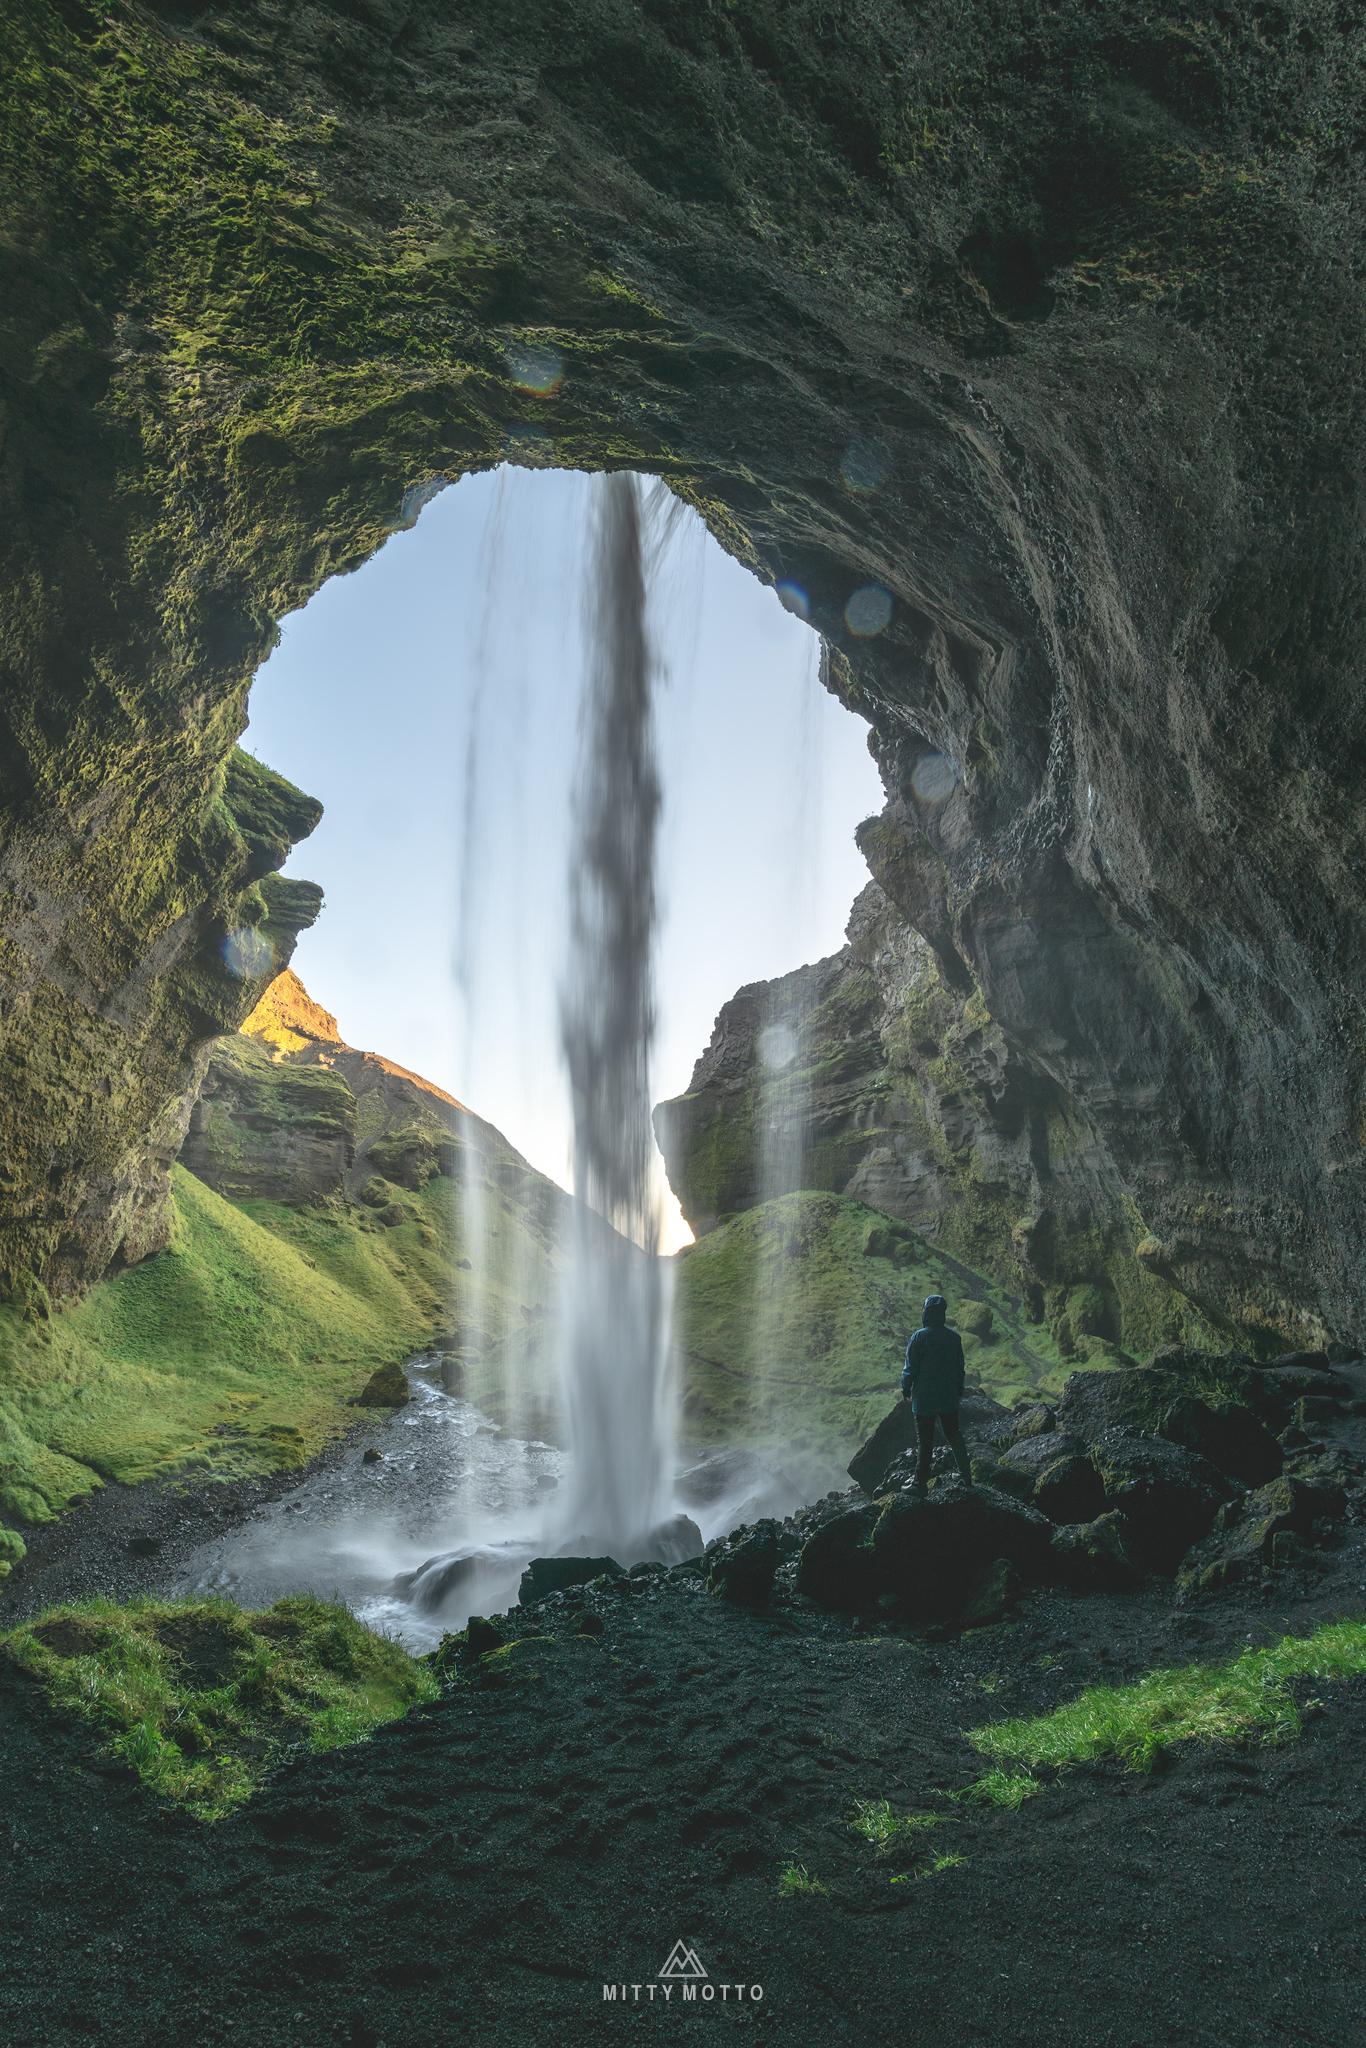 ทัวร์ไอซ์แลนด์ โดย มิตตี้ มอตโต้